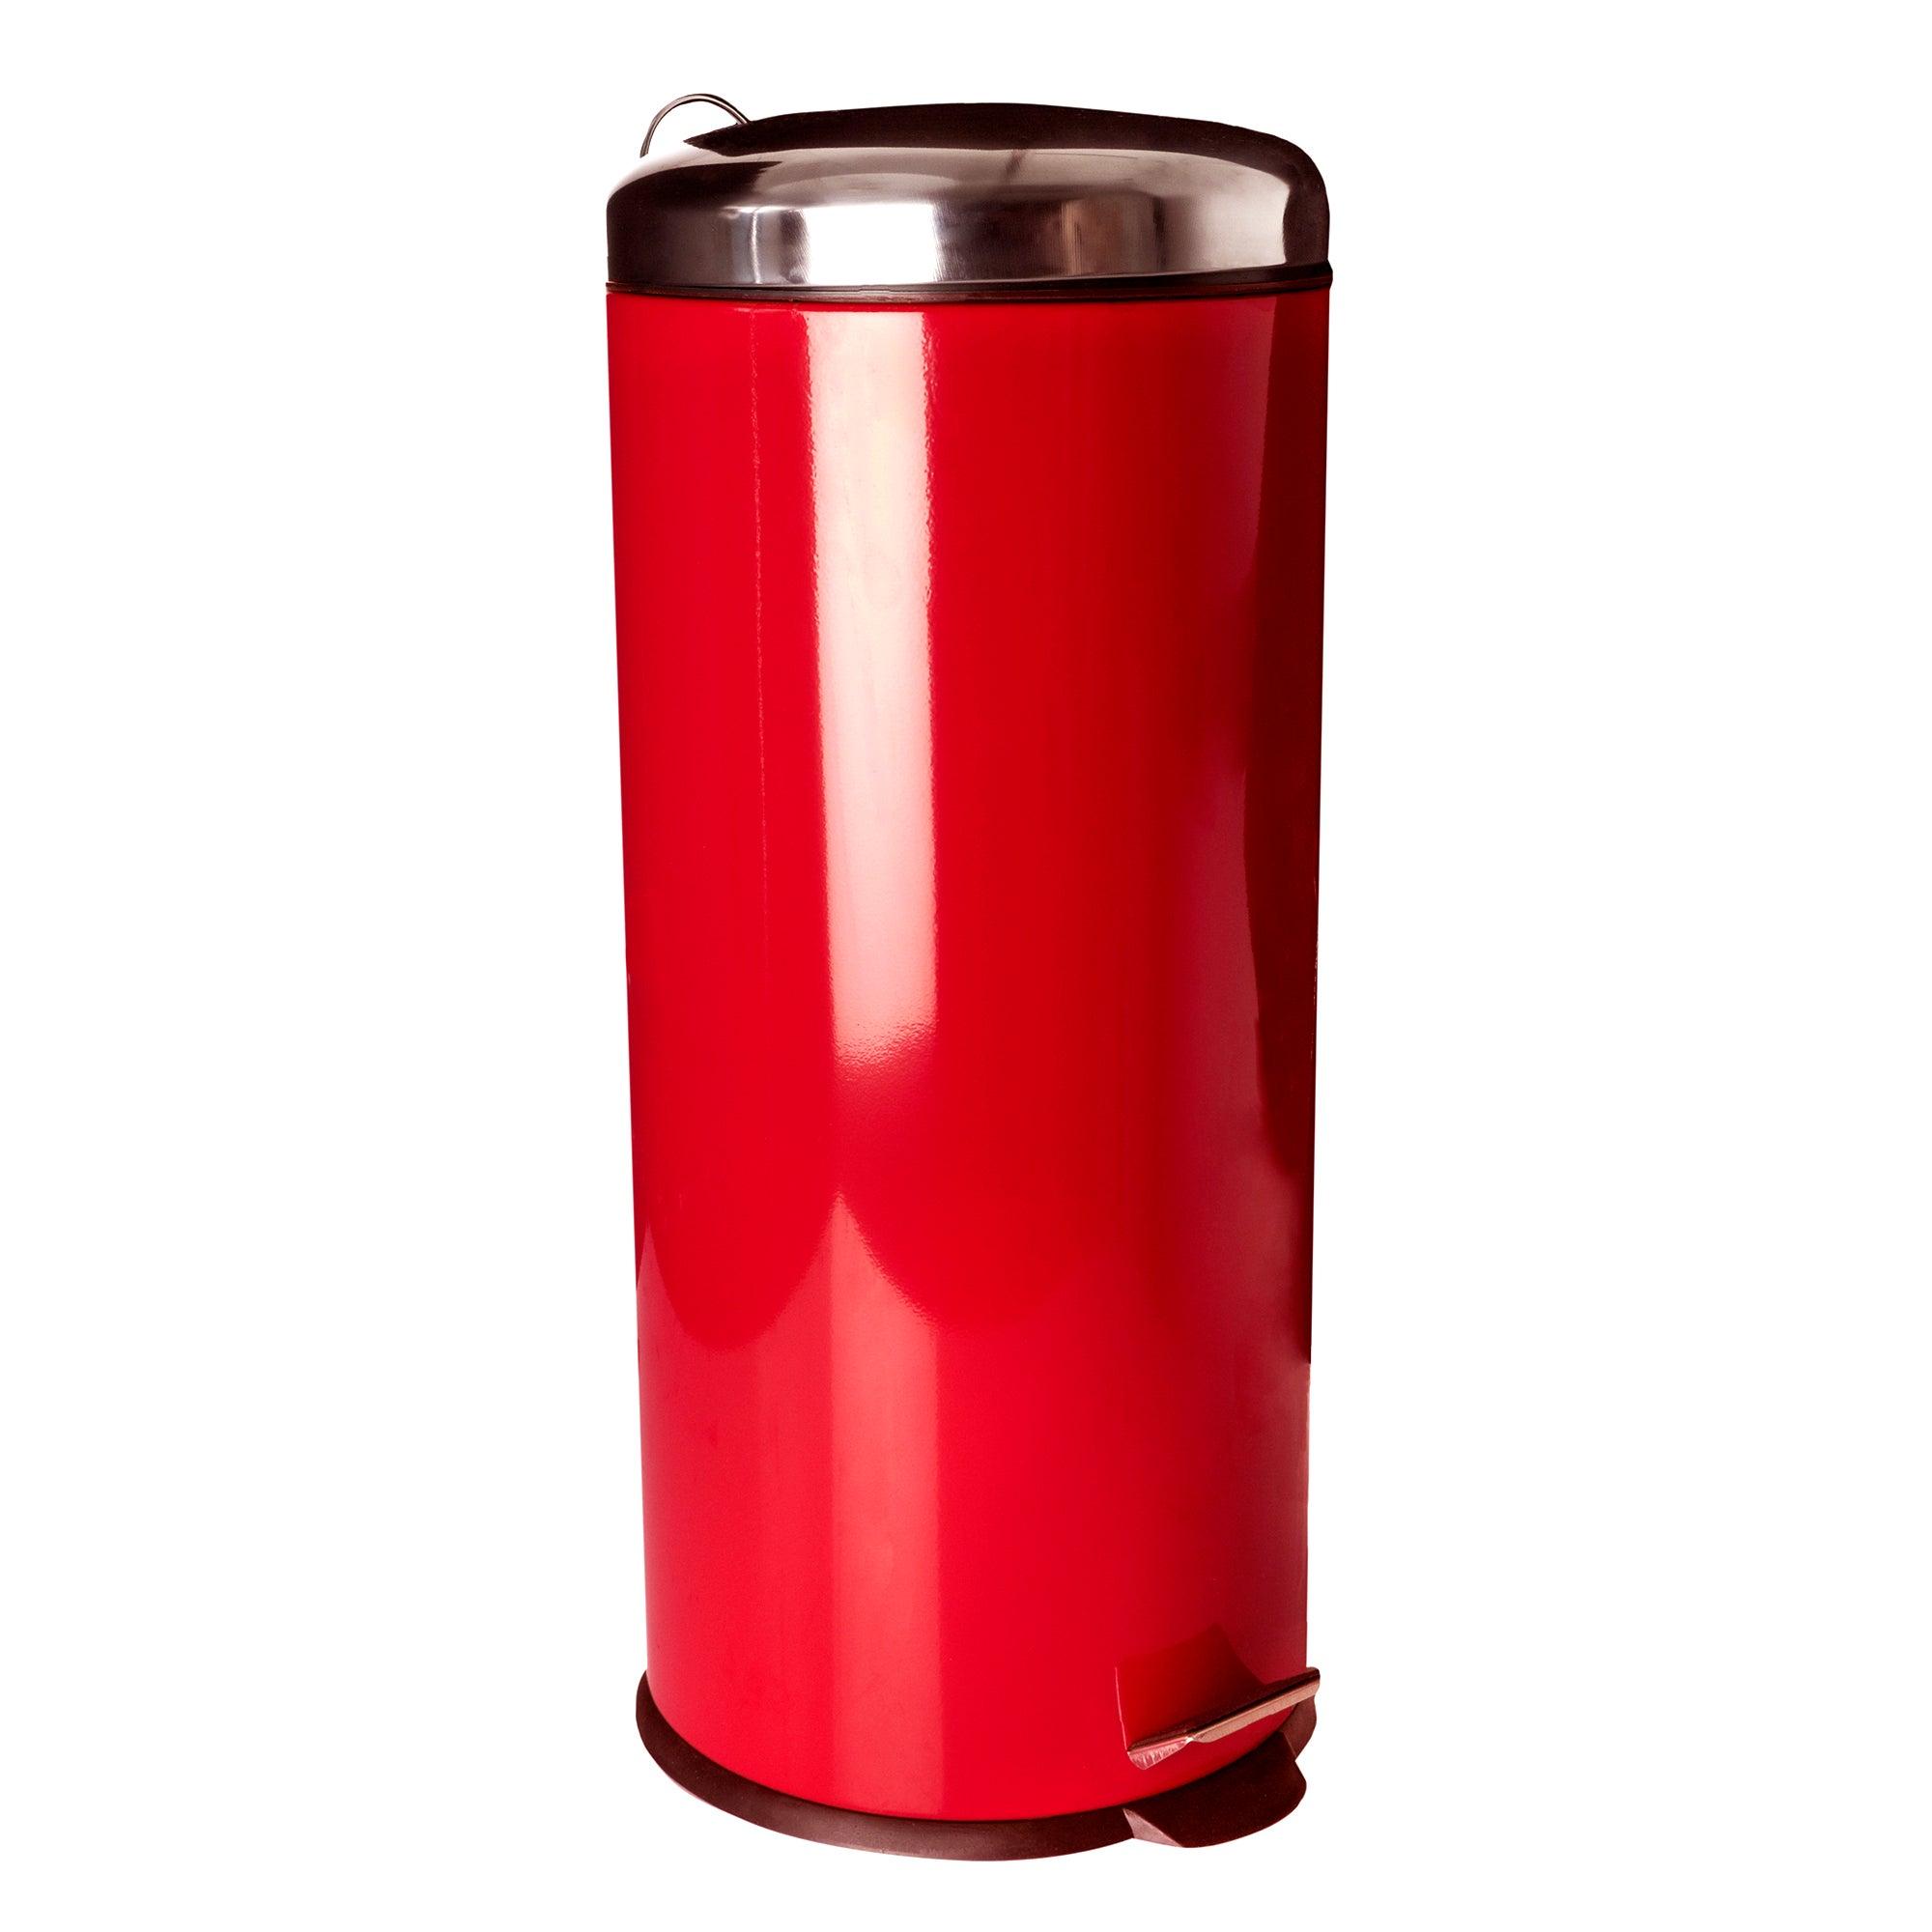 Red 30L Pedal Bin